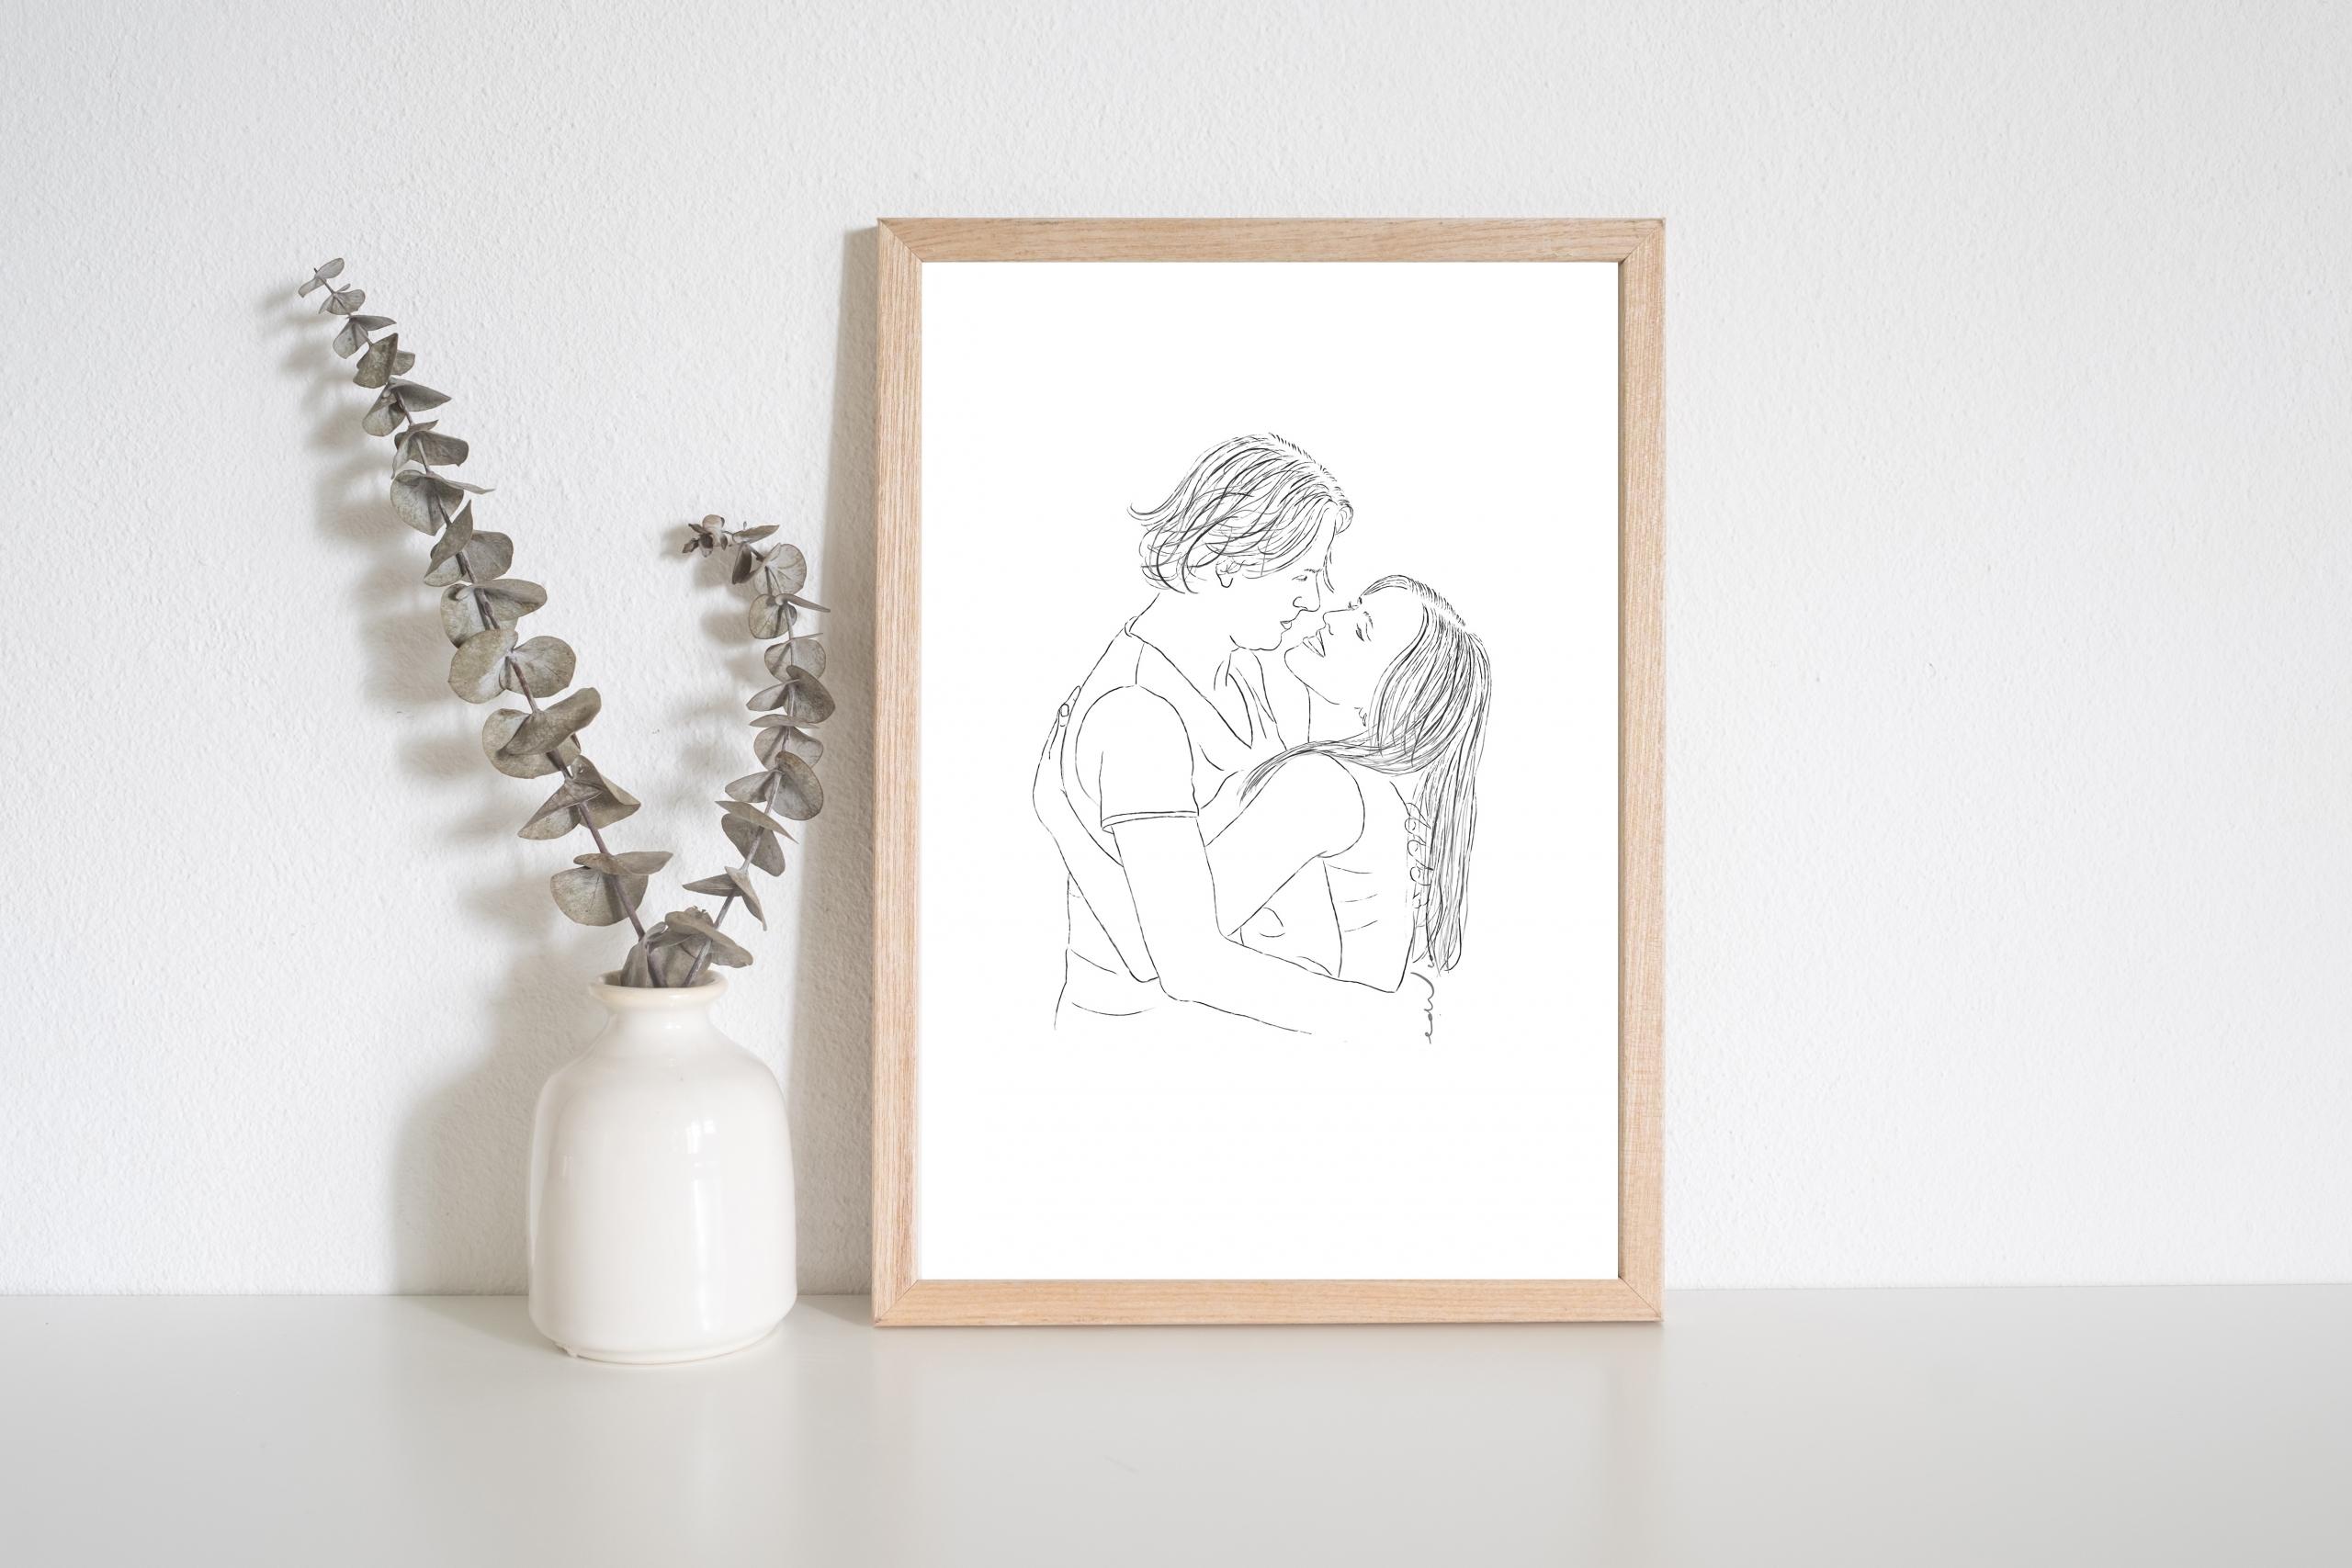 Persoonlijke tekening liefdes